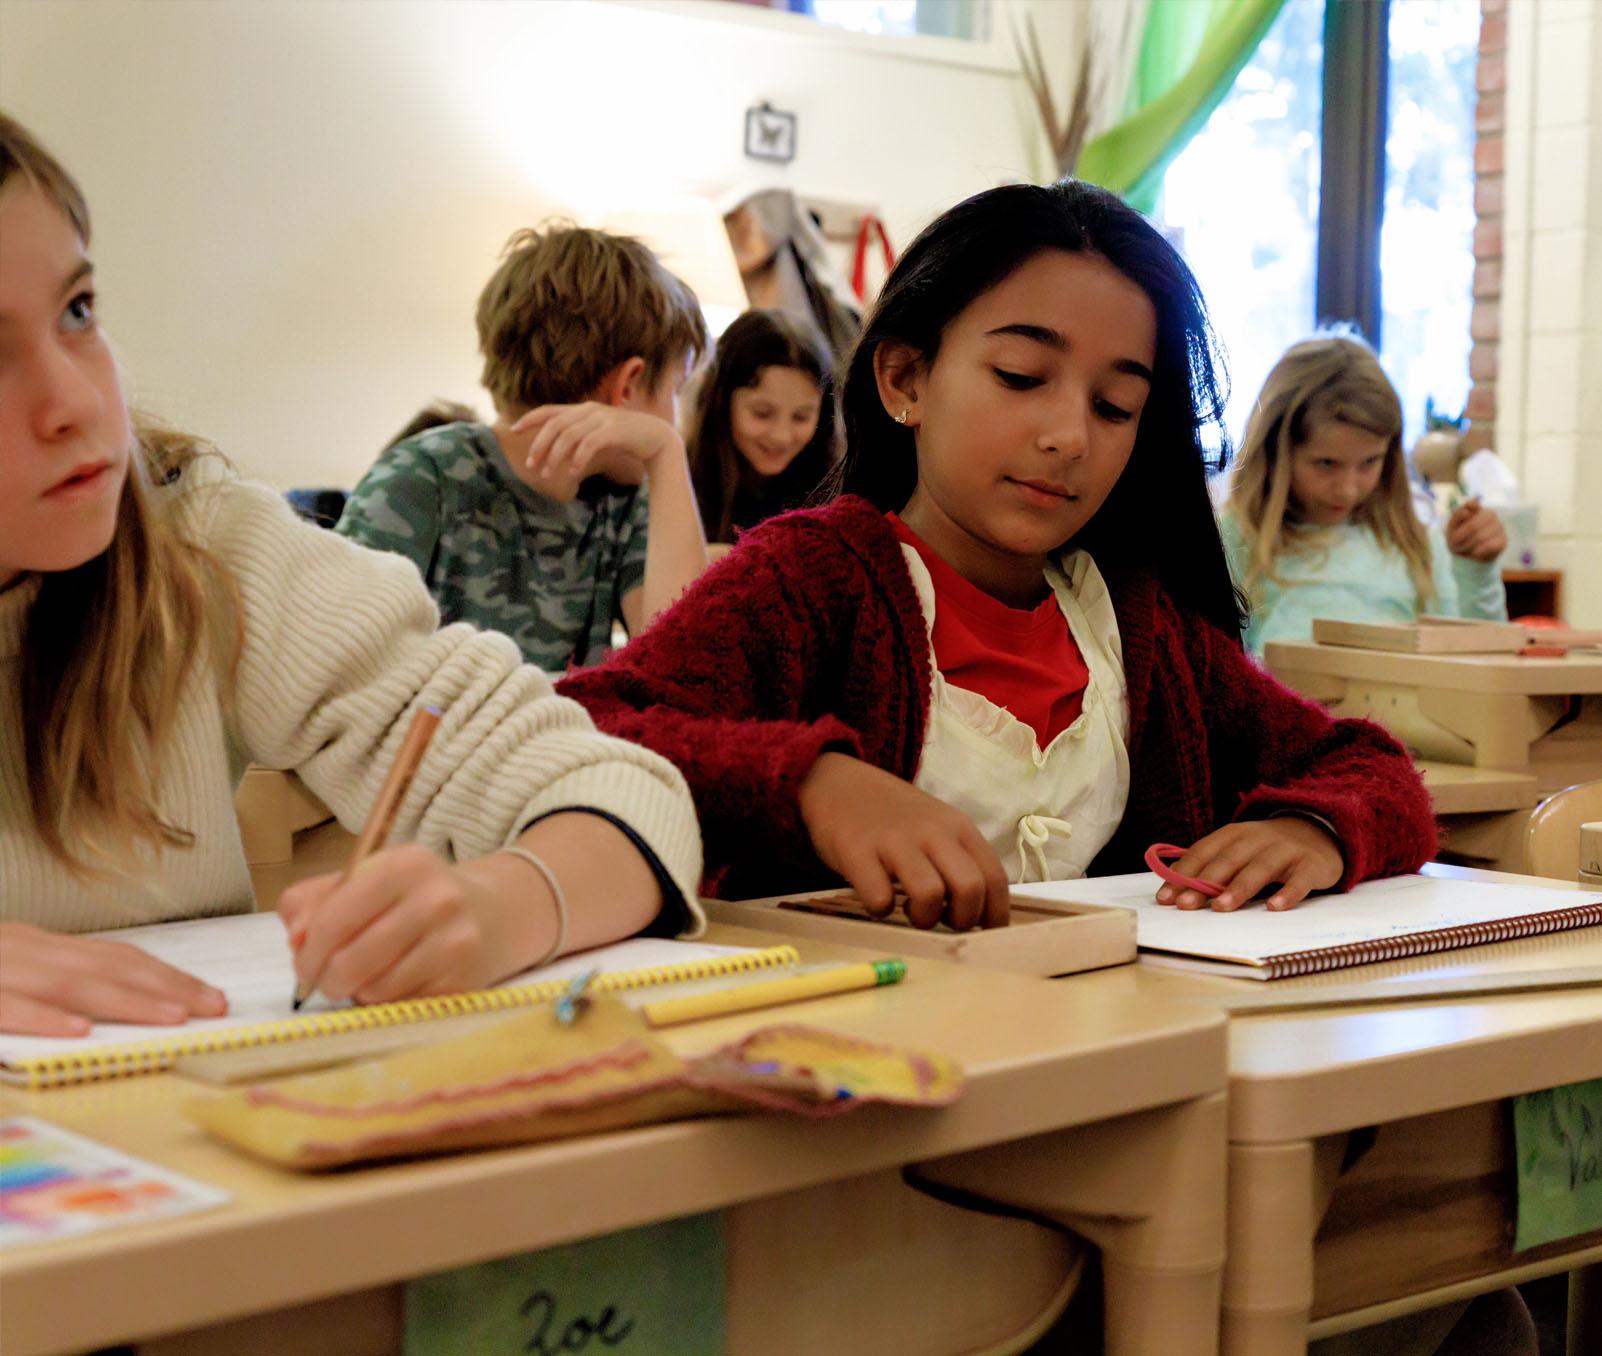 Children sitting at desks and working